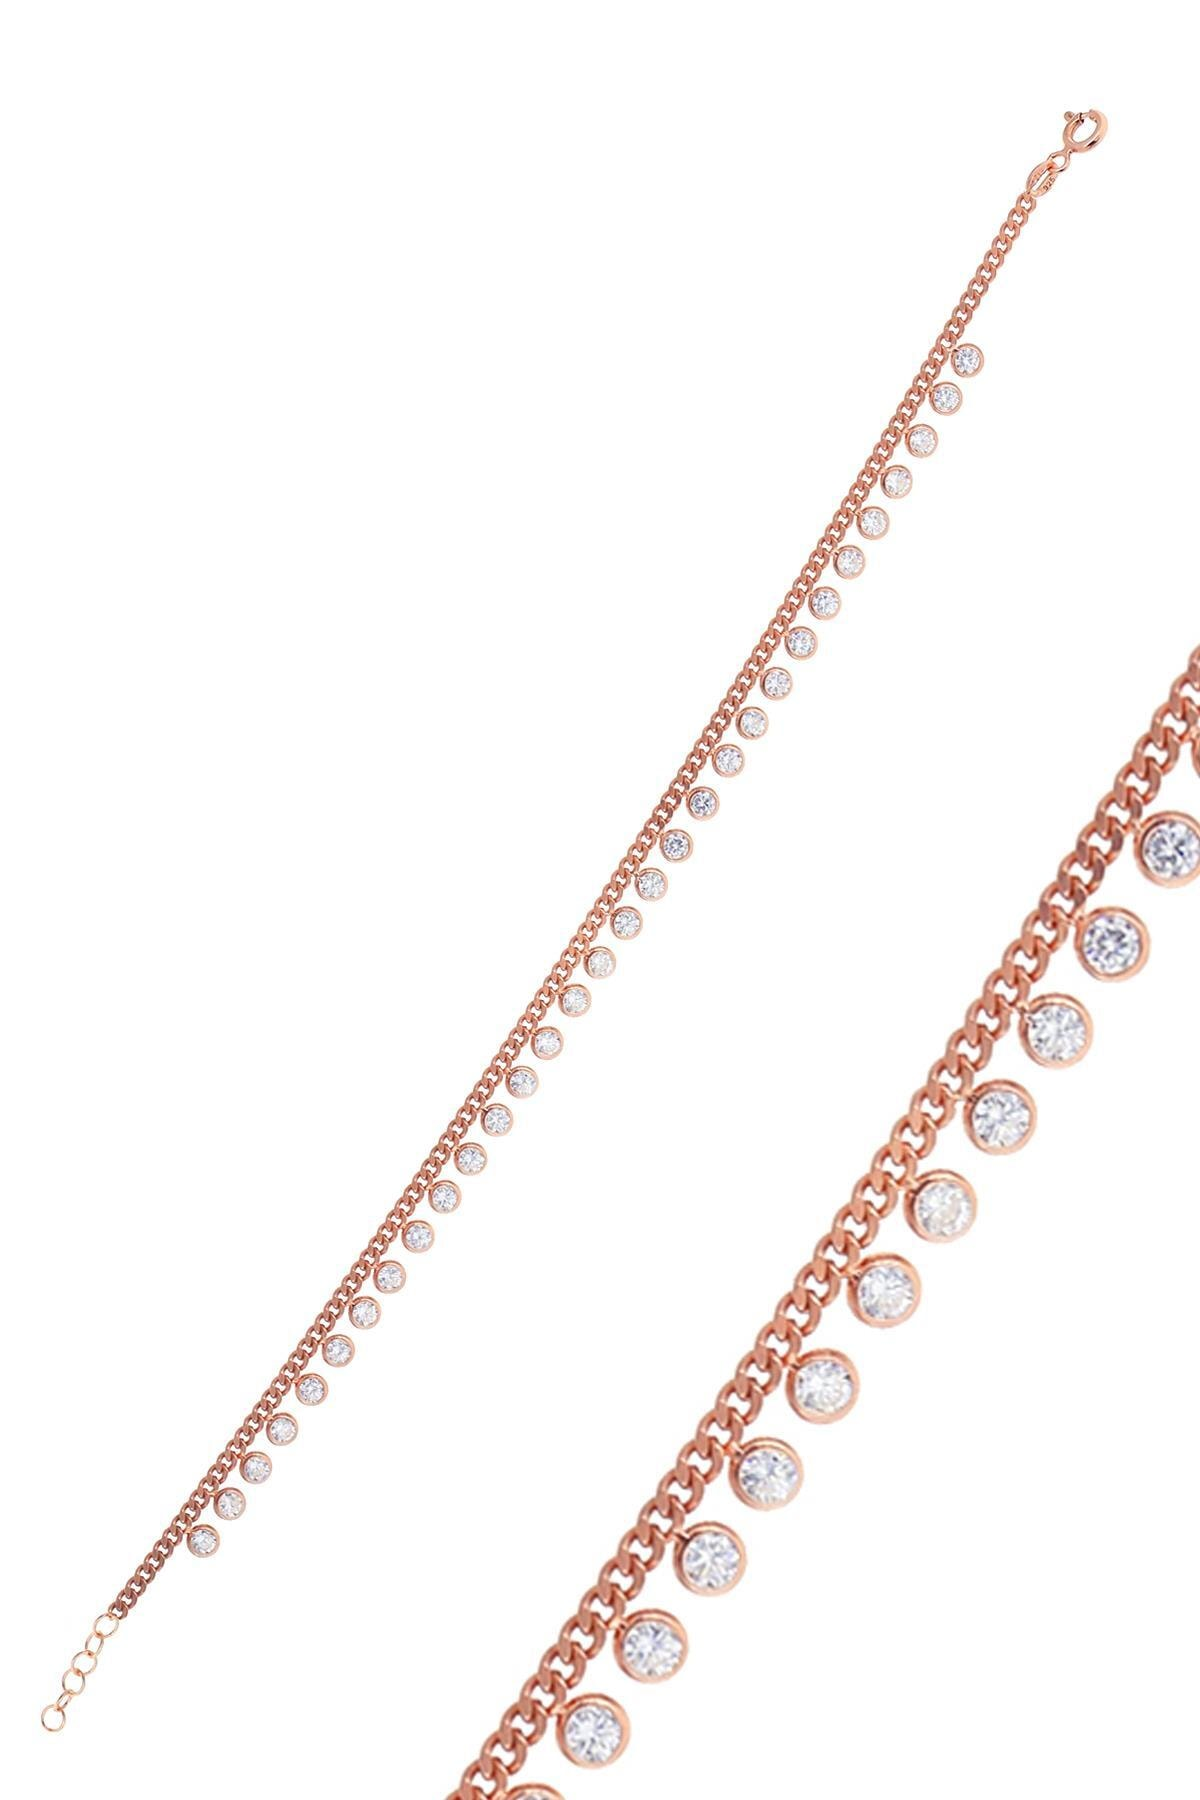 Söğütlü Silver Gümüş Rose Zirkon  Taşlı  Gurmet Zincirli Halhal